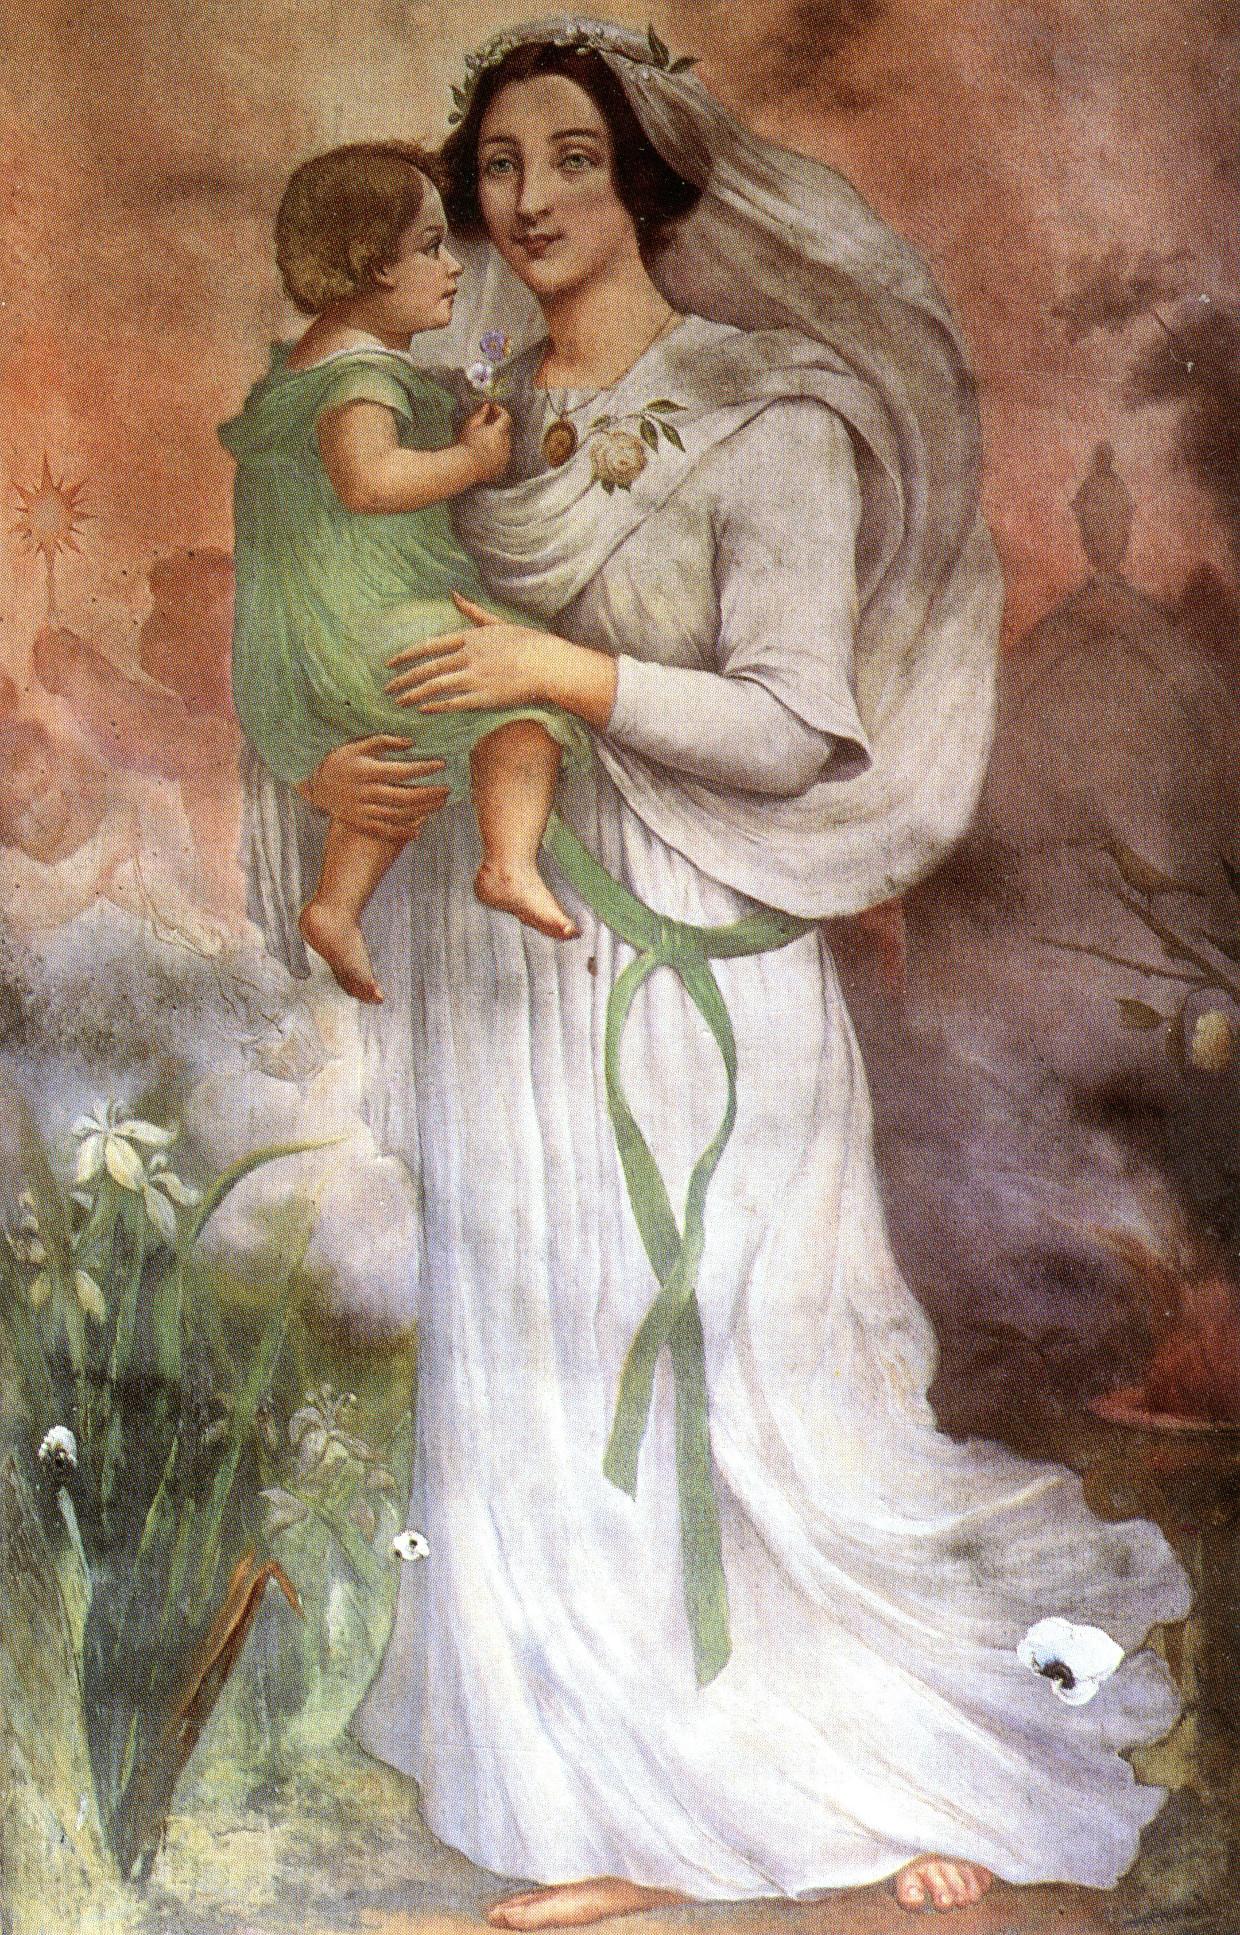 Eduardo de Sa, L'Humanité, avec l'Avenir dans ses bras (1900), Chapelle de l'Humanité. Paris